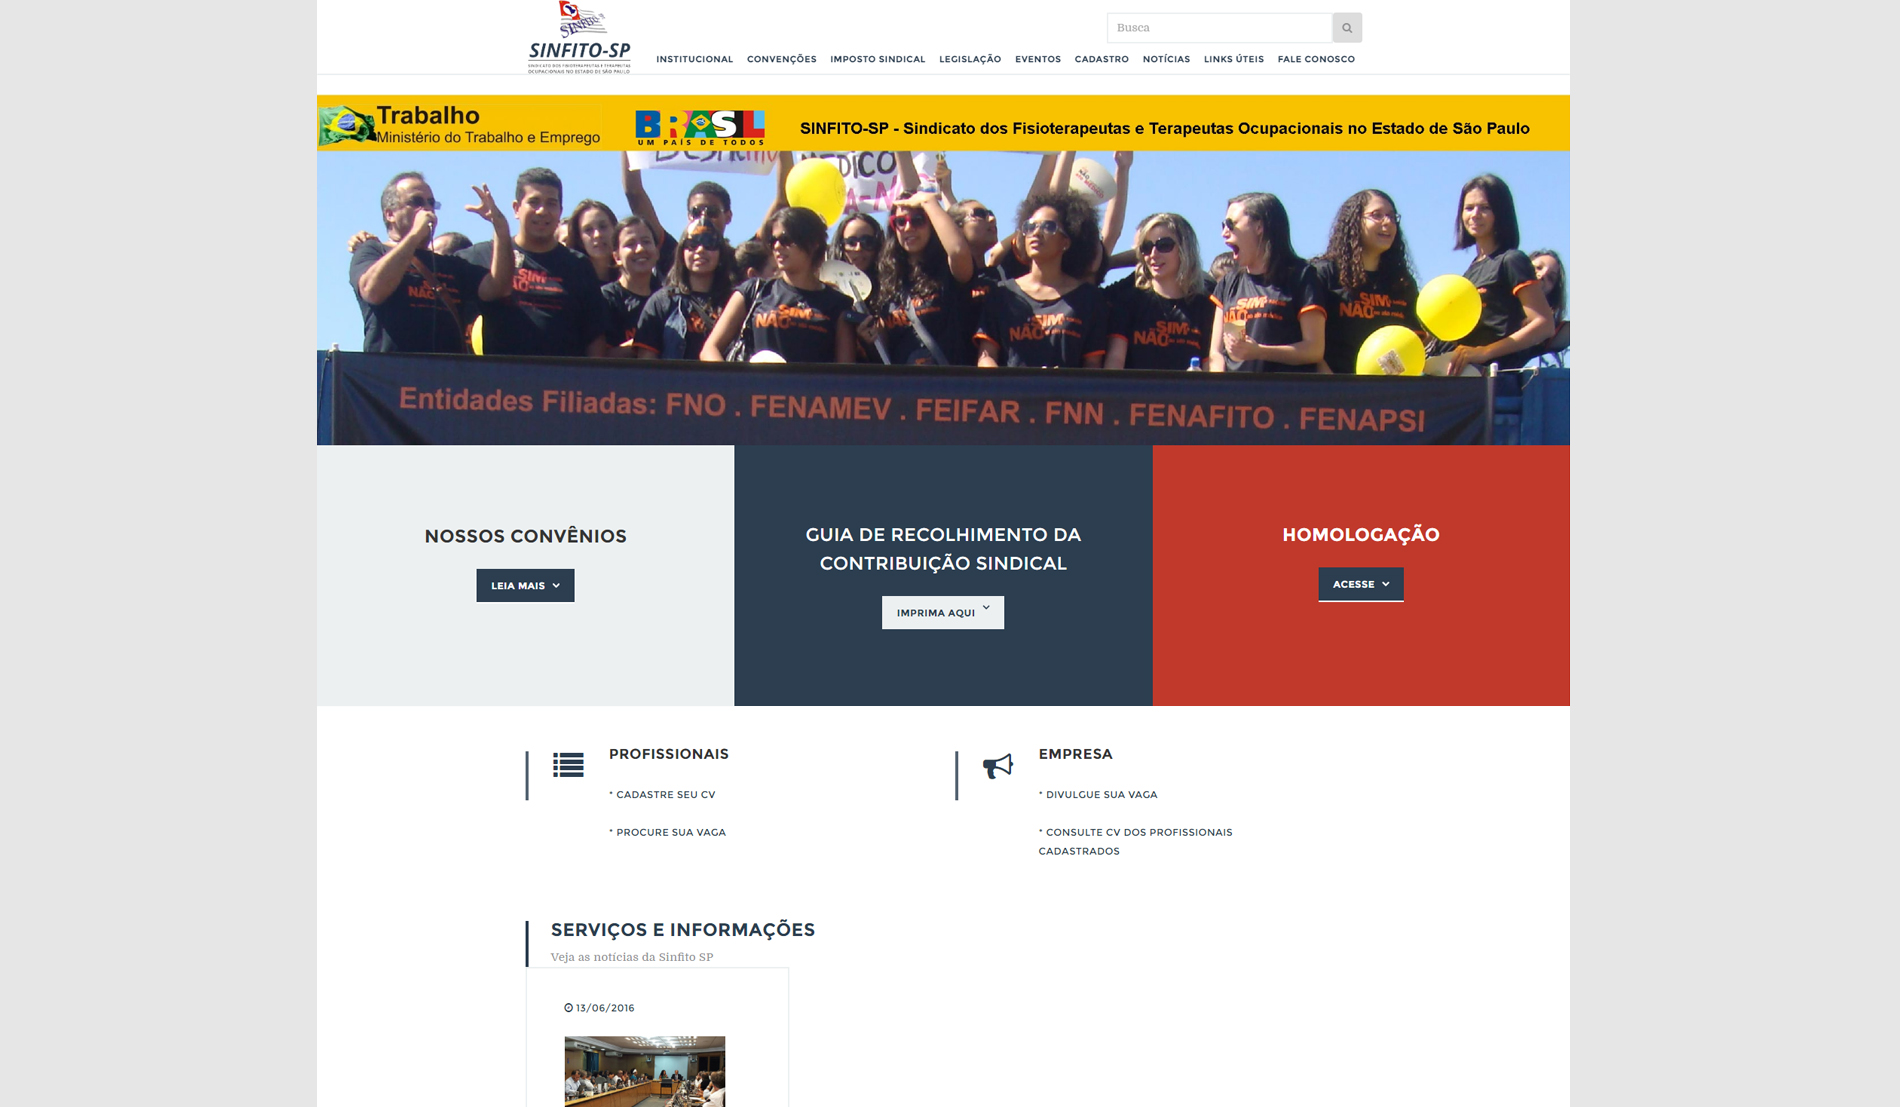 Institucionais-SINFITO SP